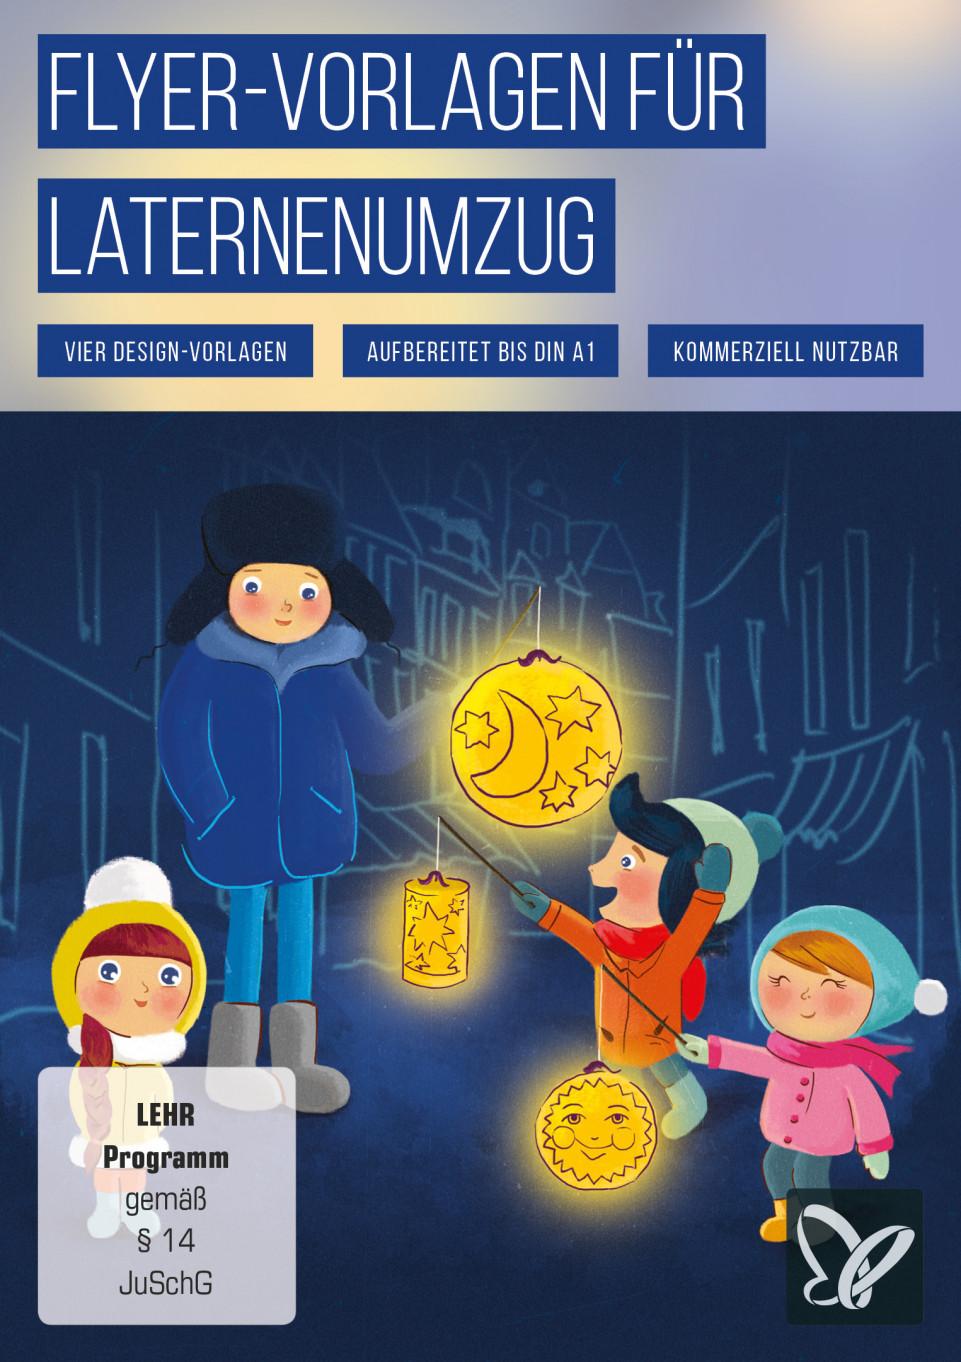 Flyer-Vorlagen für Martinstag und Laternenumzug